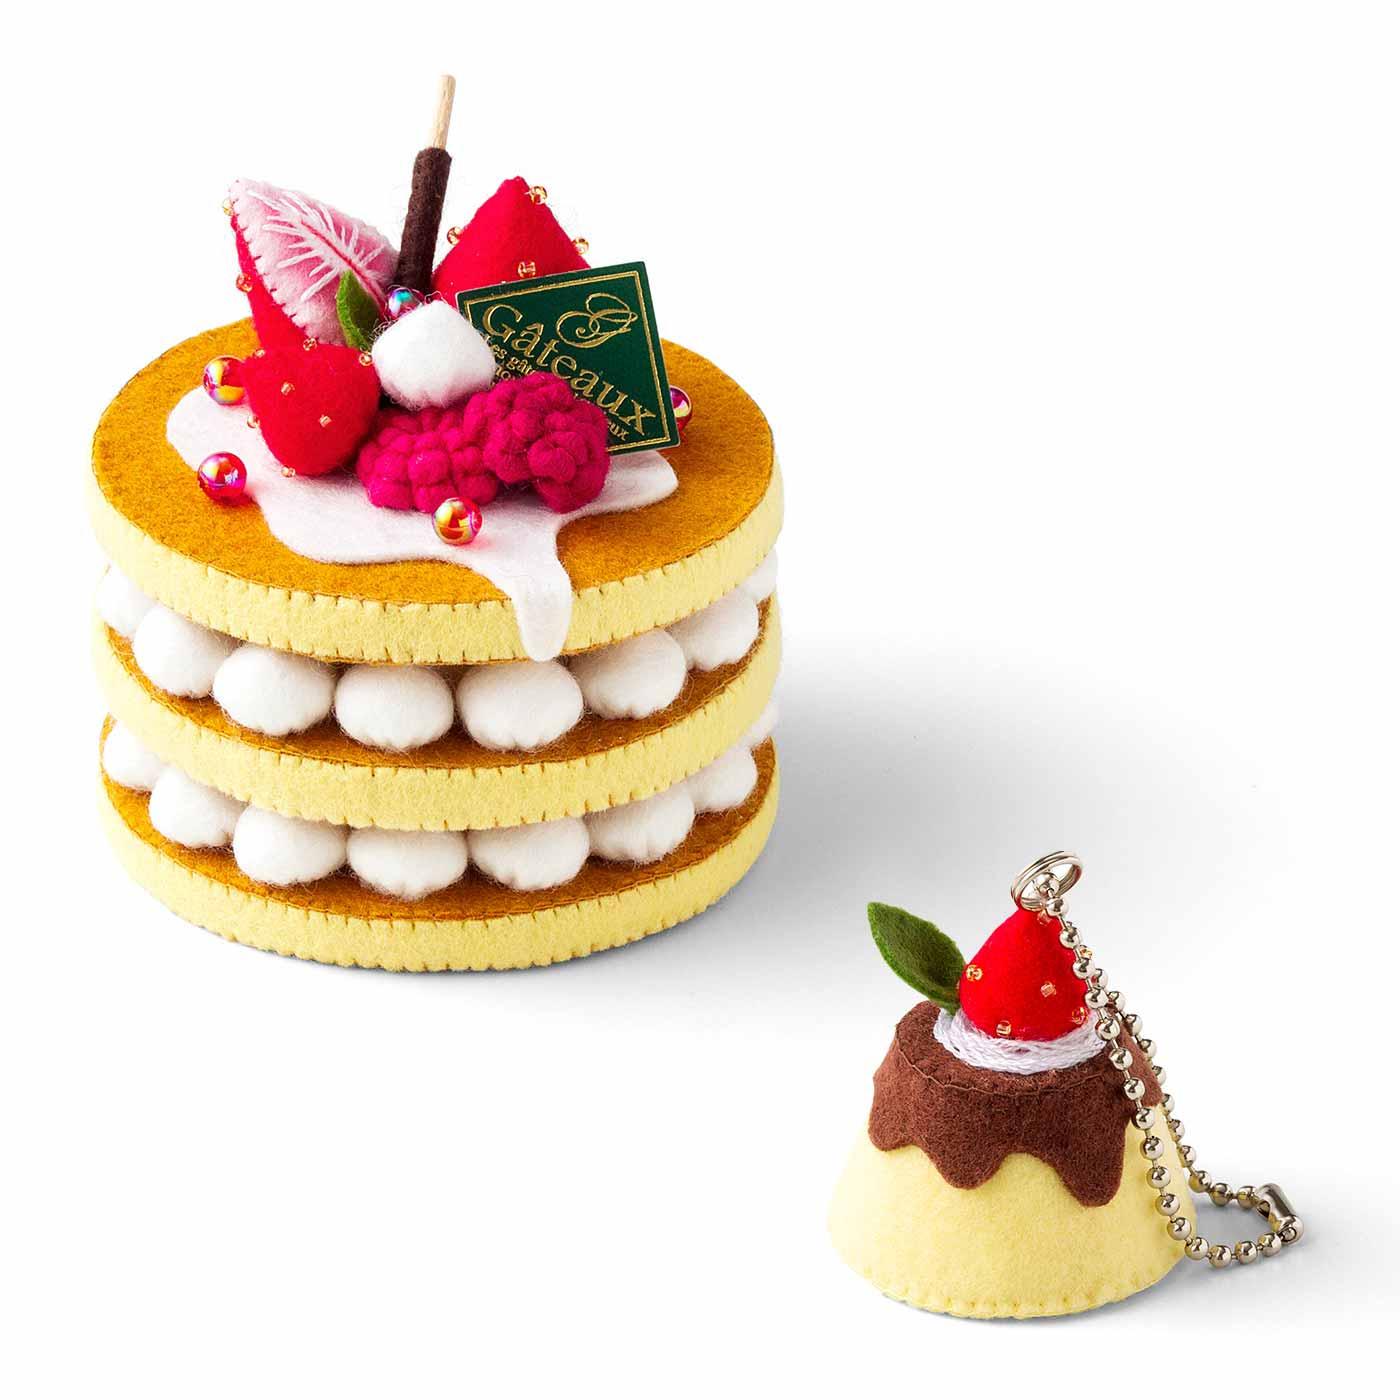 マスカットのケーキとマスカットミニケーキマグネット